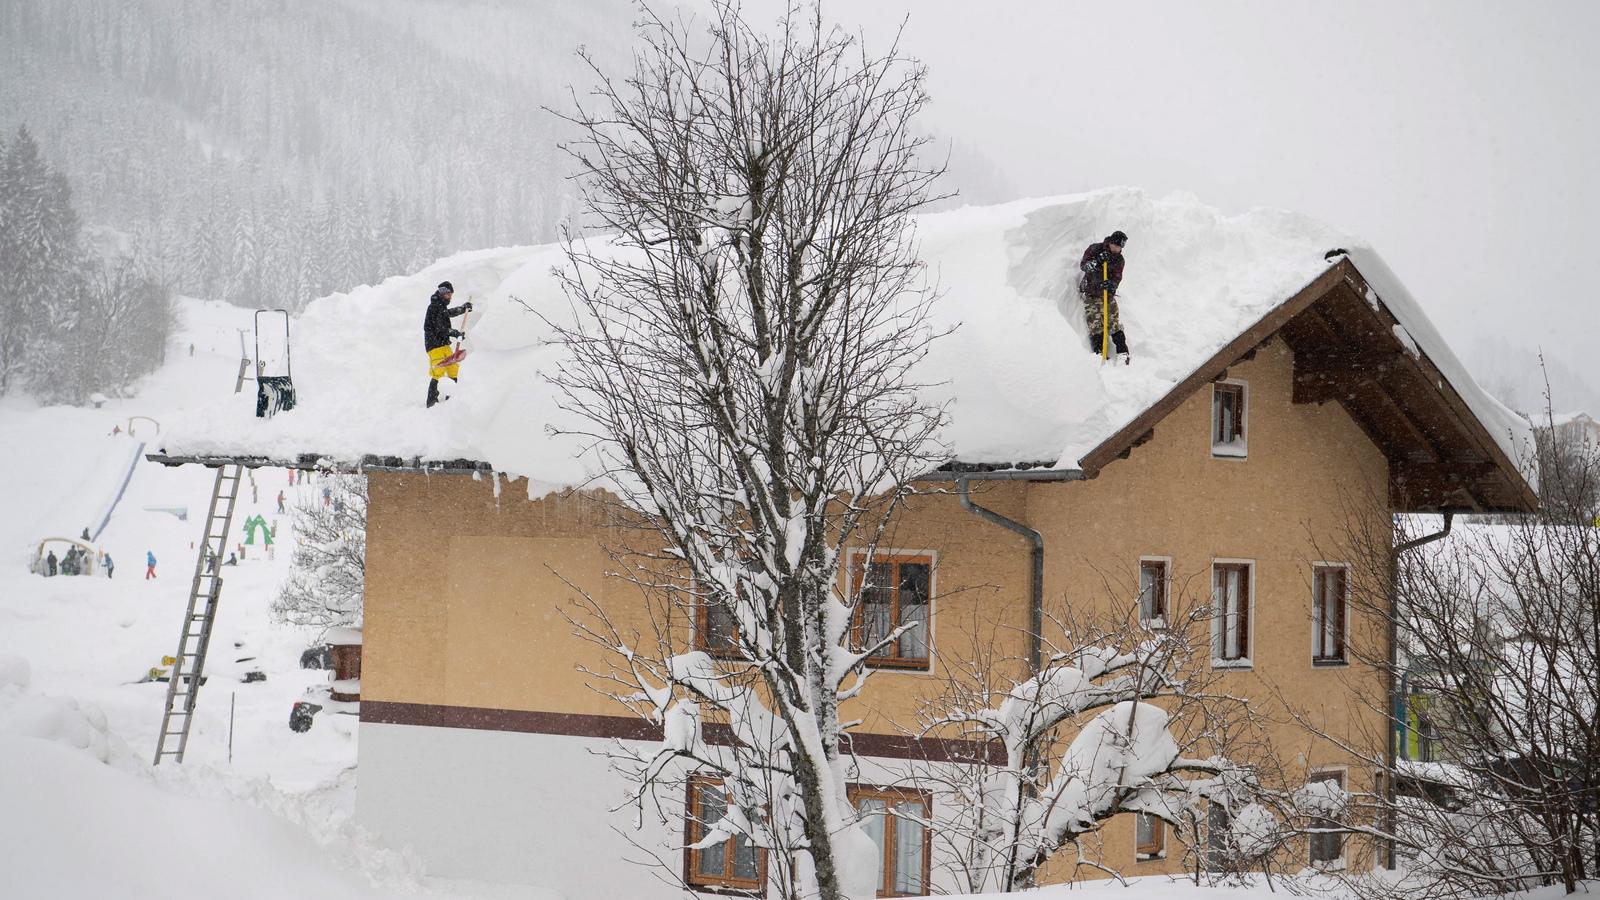 Хората са съветвани да чистят снега от покривите на къщите си, след като няколко сгради рухнаха.